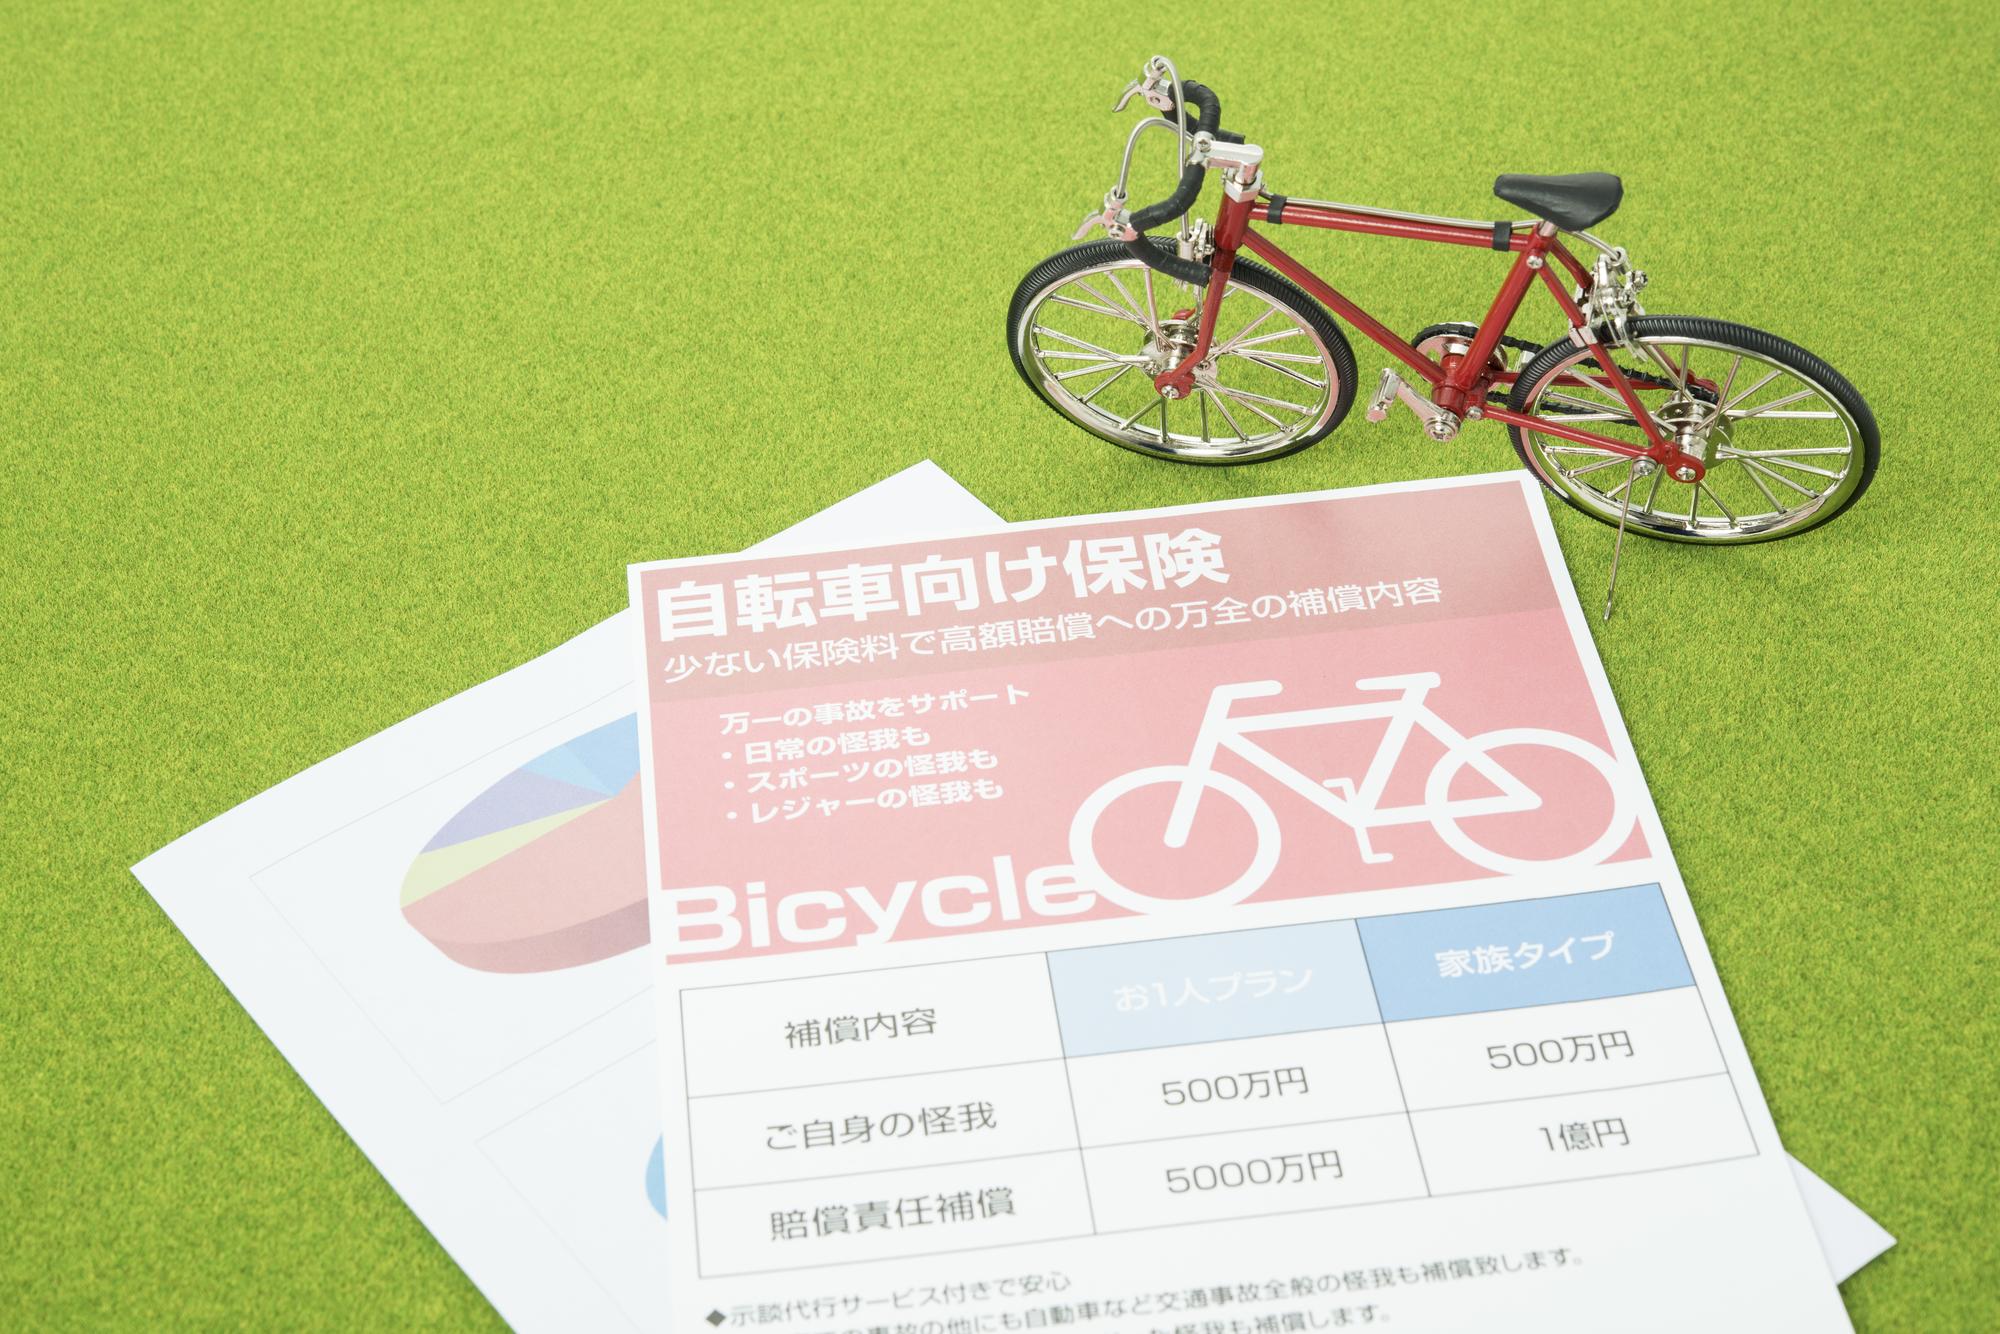 自転車保険は本当に必要なのか?必要な人・不必要な人の違い